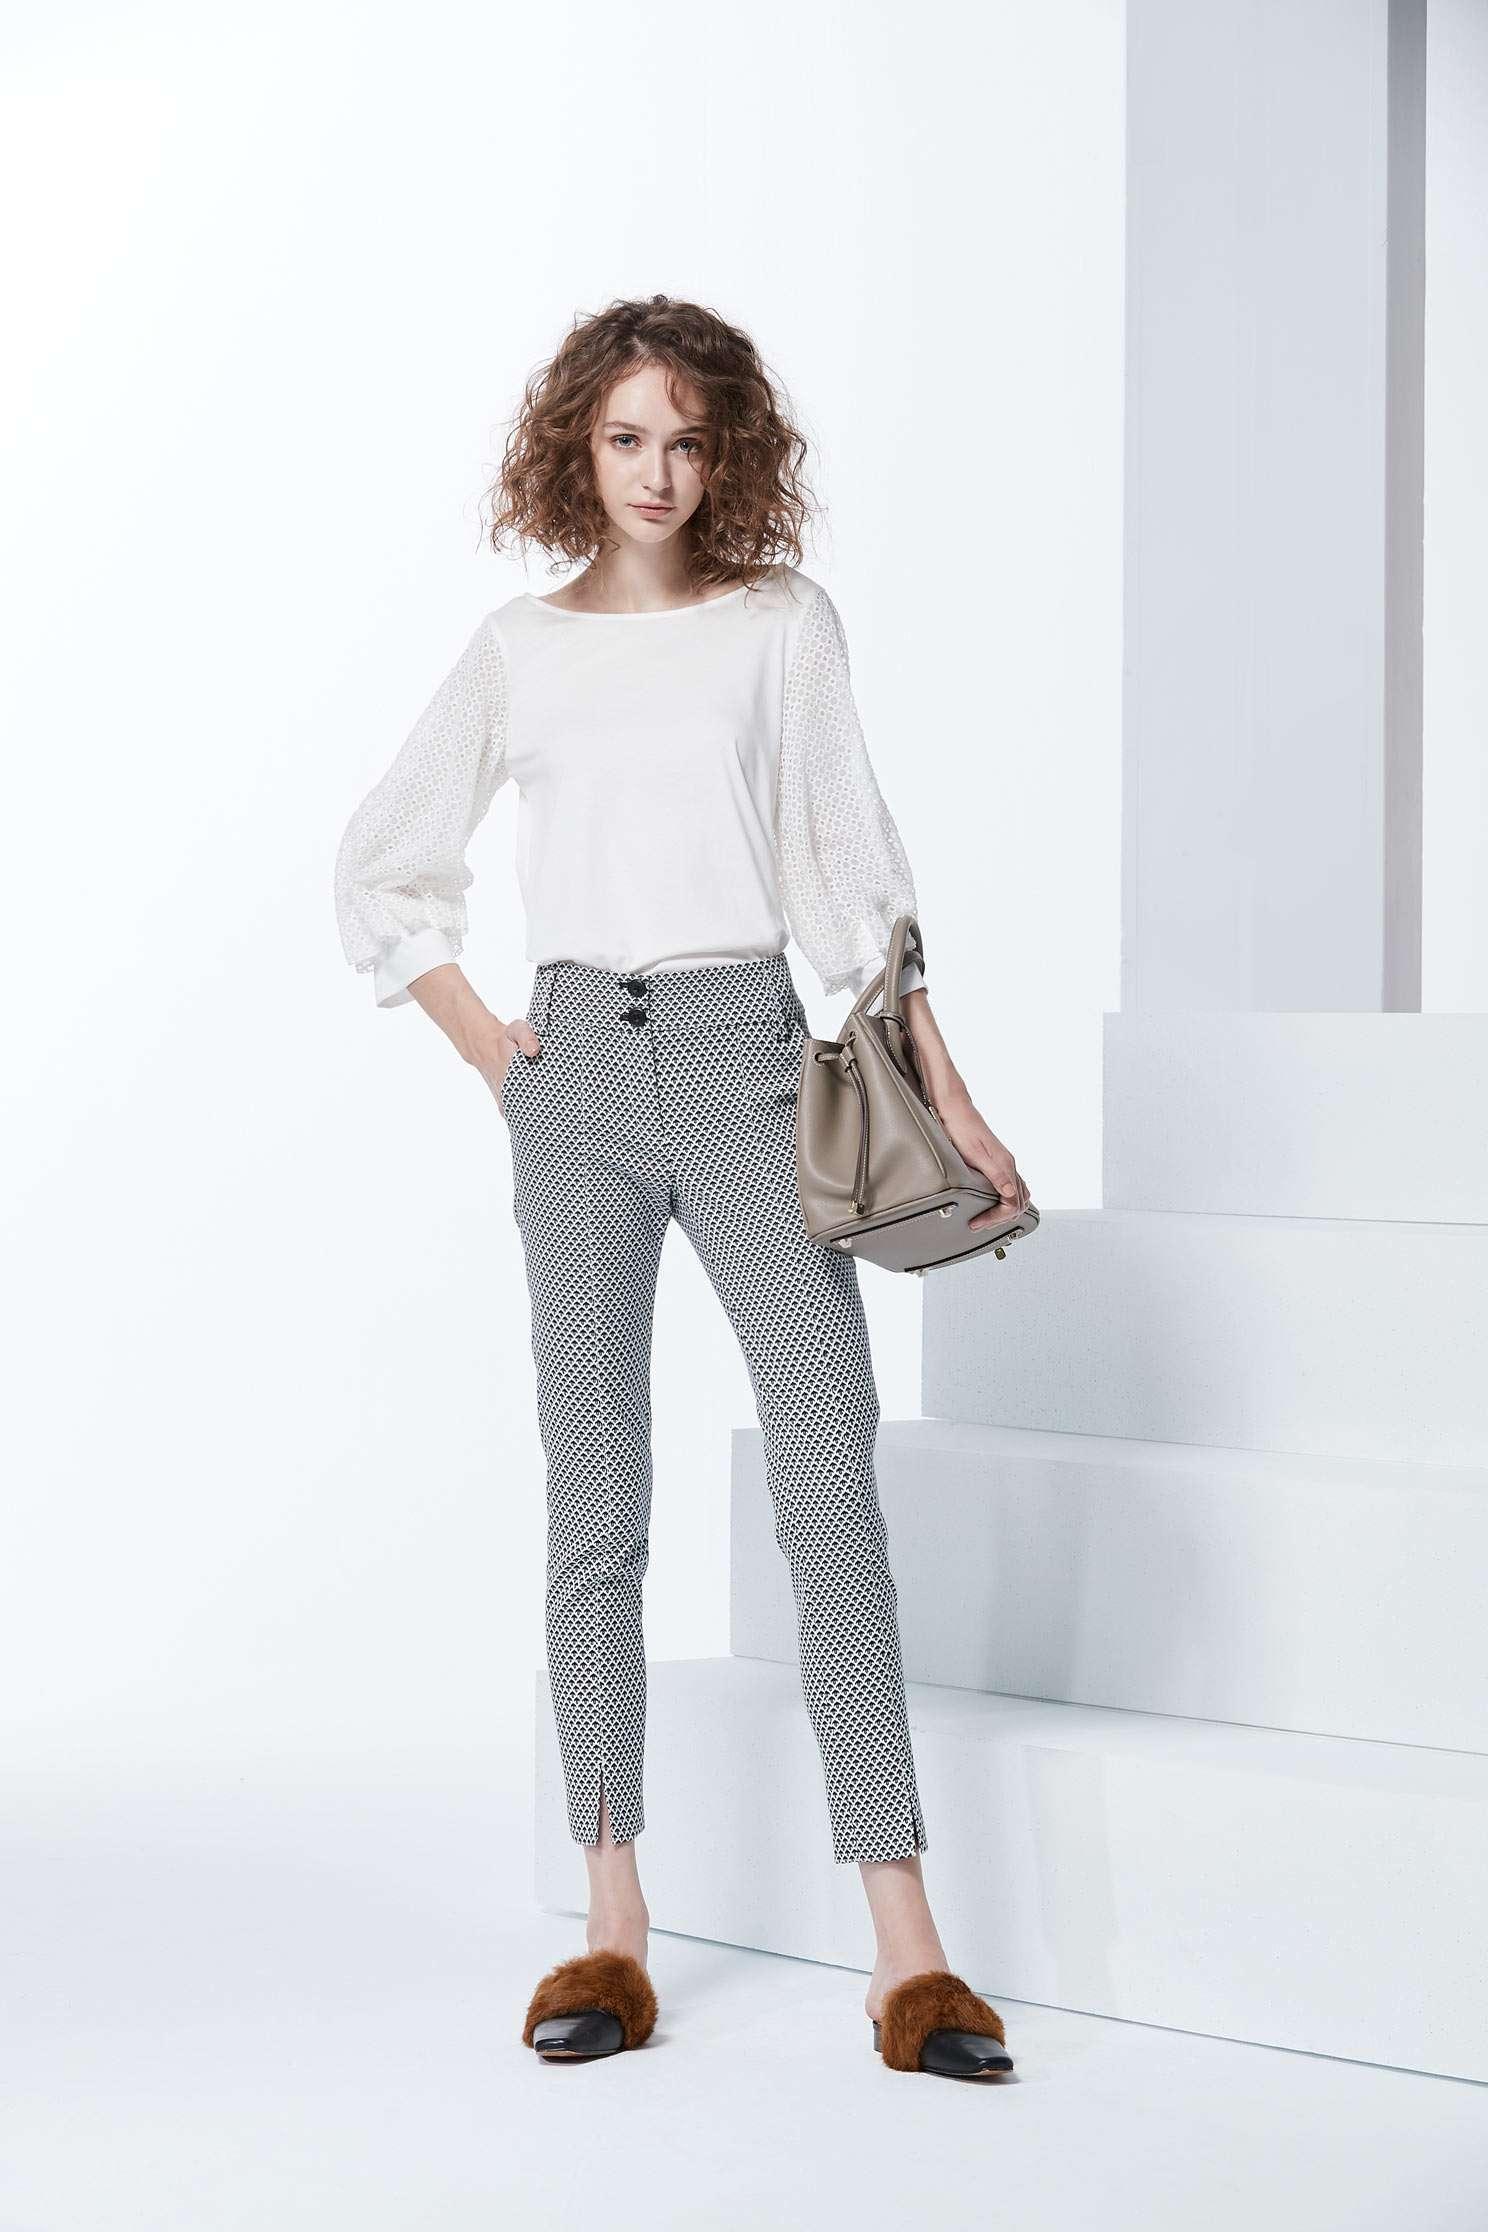 Clean cut slit pants